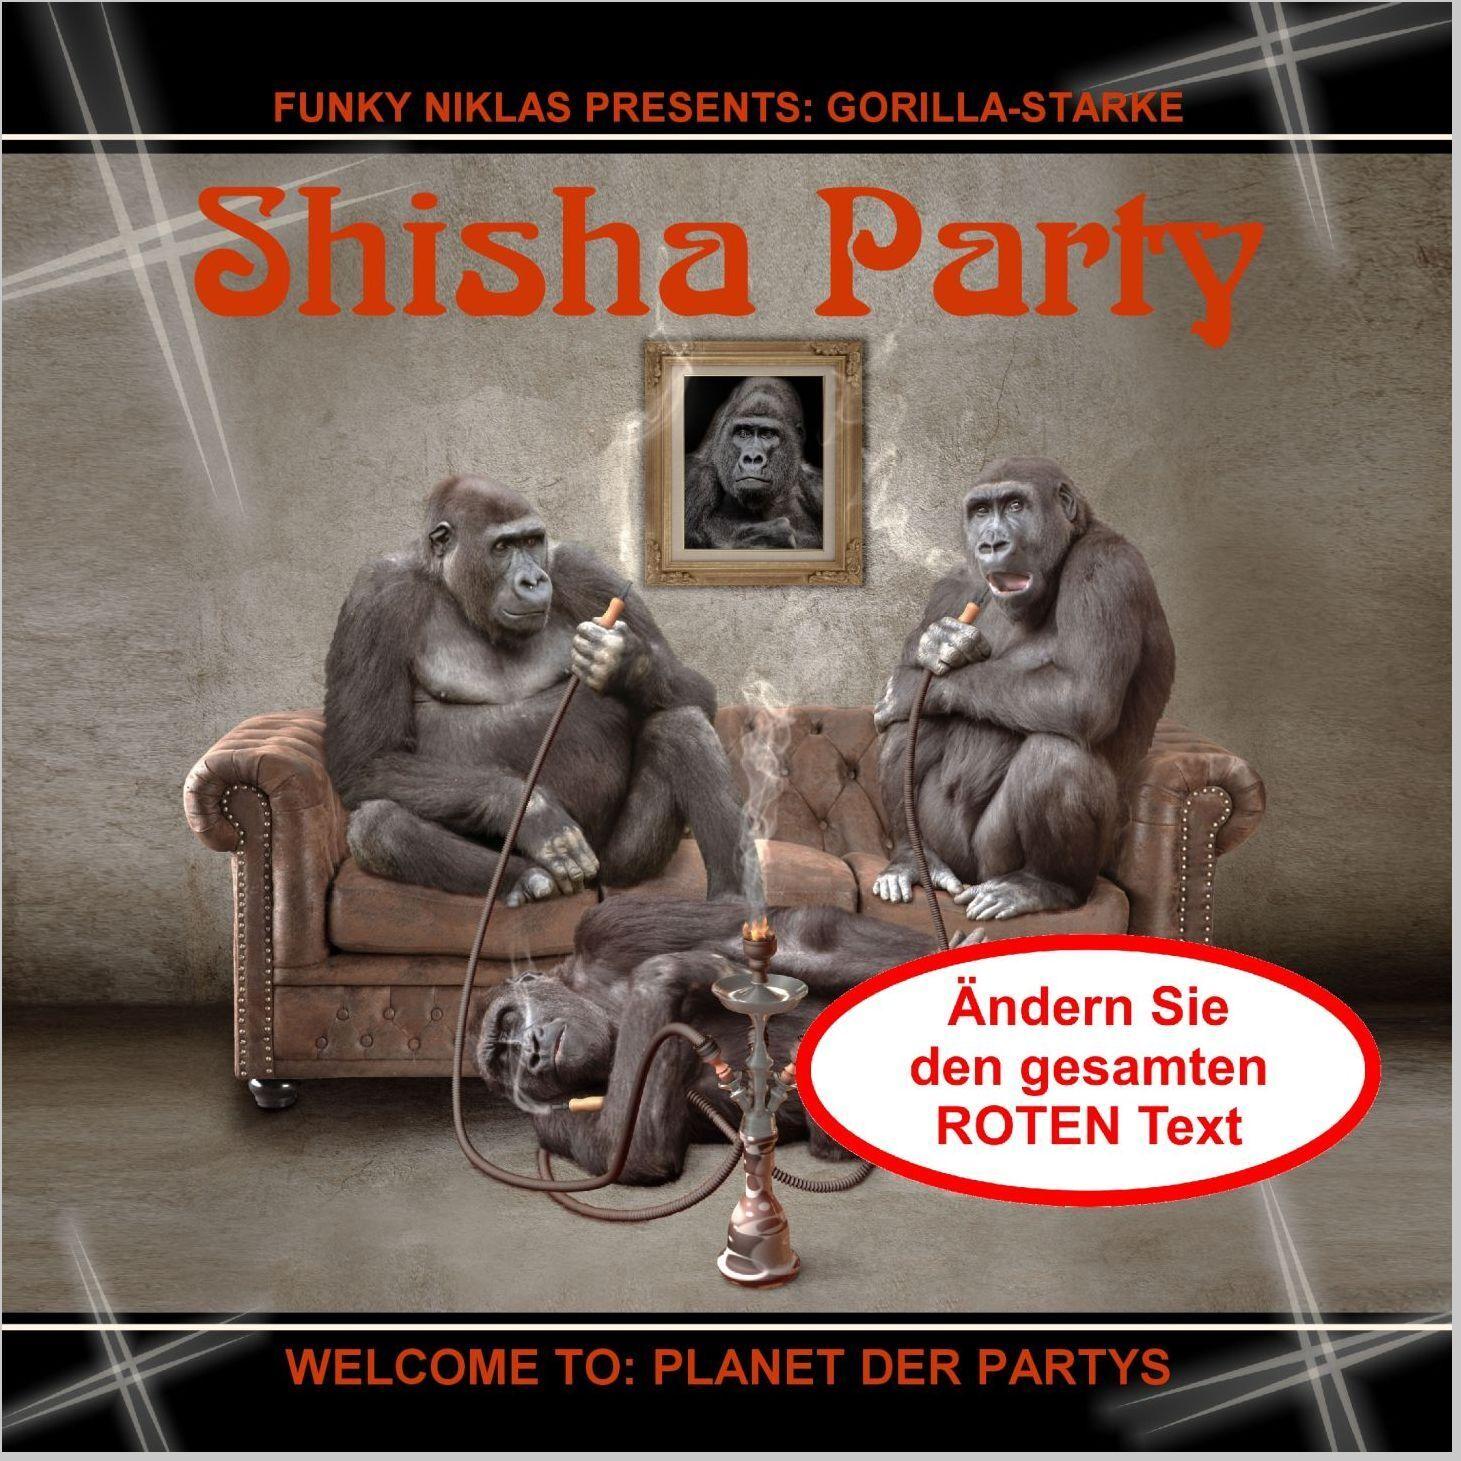 Einladung Shisha Party Geburtstag Wasserpfeife - Text änderbar, jedes Alter Alter Alter TOP   | Innovation  | Neueste Technologie  c0e9de